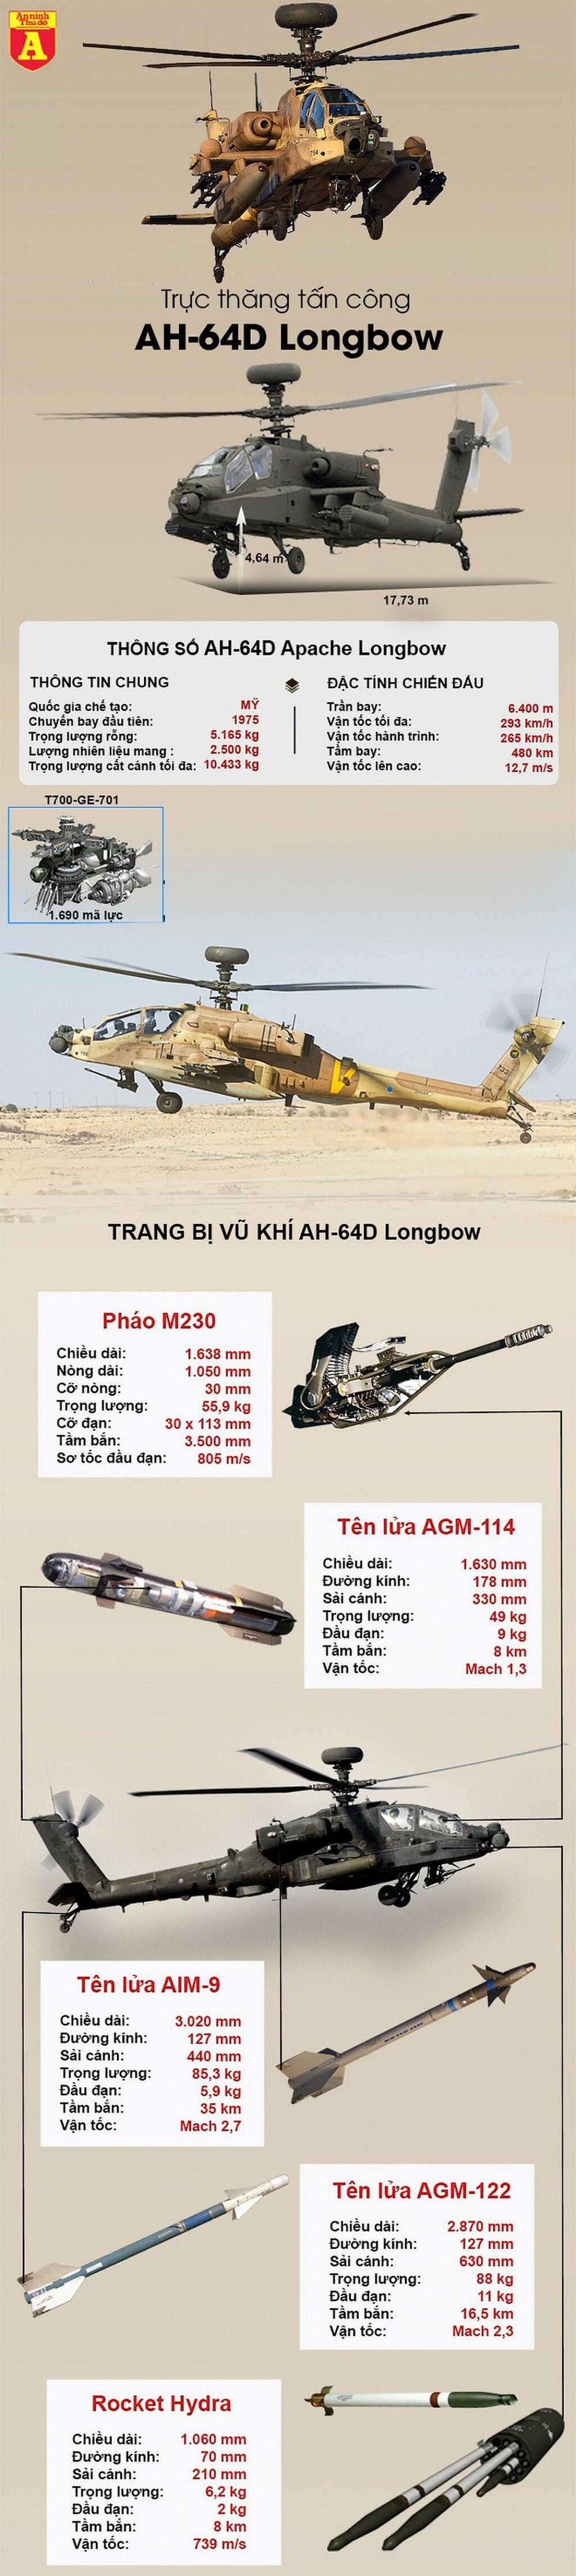 """[Infographics] Mỹ loại biên """"hung thần diệt tăng"""" Apache, cơ hội lớn cho các nước sở hữu  - Ảnh 1"""